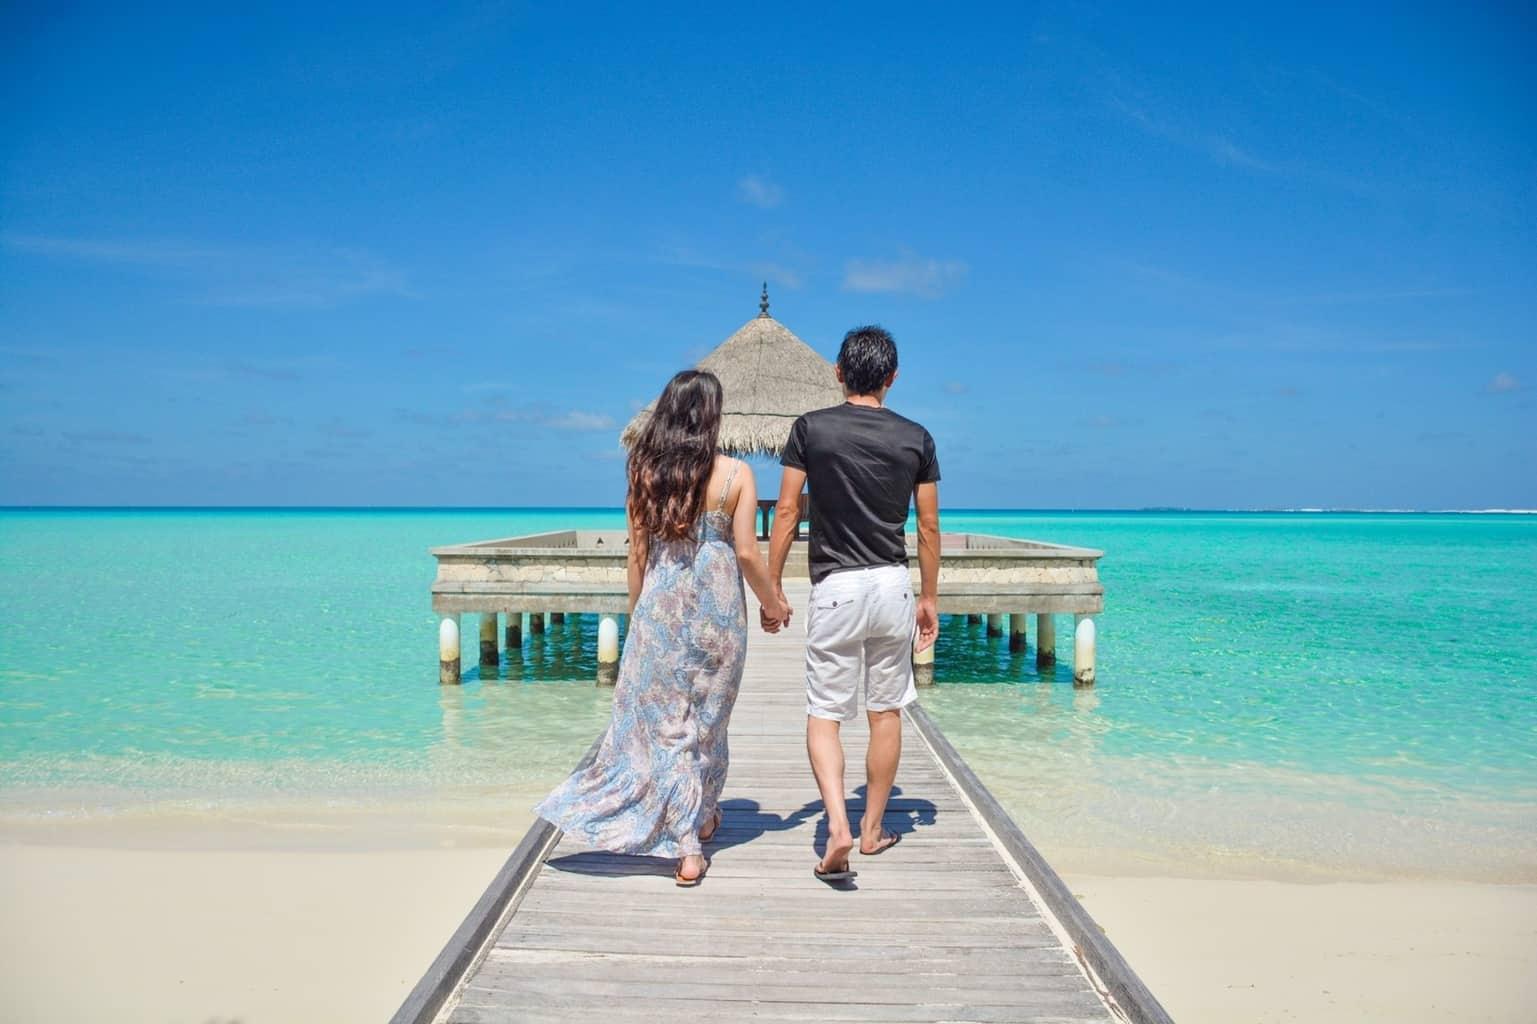 新婚旅行(ハネムーン)の旅行会社、どこを選ぶ?先輩花嫁が選んだおすすめサービス特集のカバー写真 0.6662329212752115